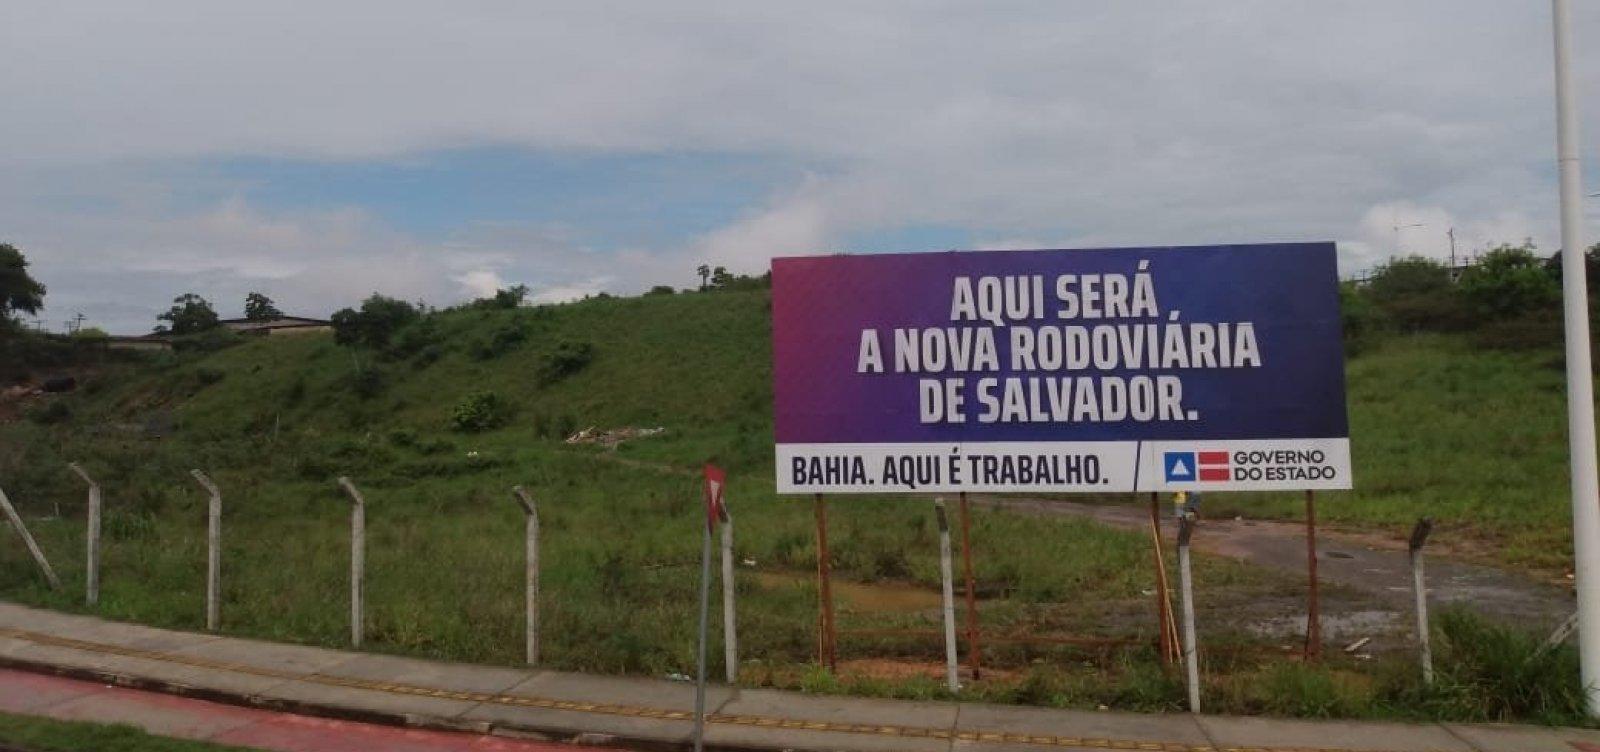 Agerba abre licitação para operação da rodoviária de Salvador e construção de novo terminal